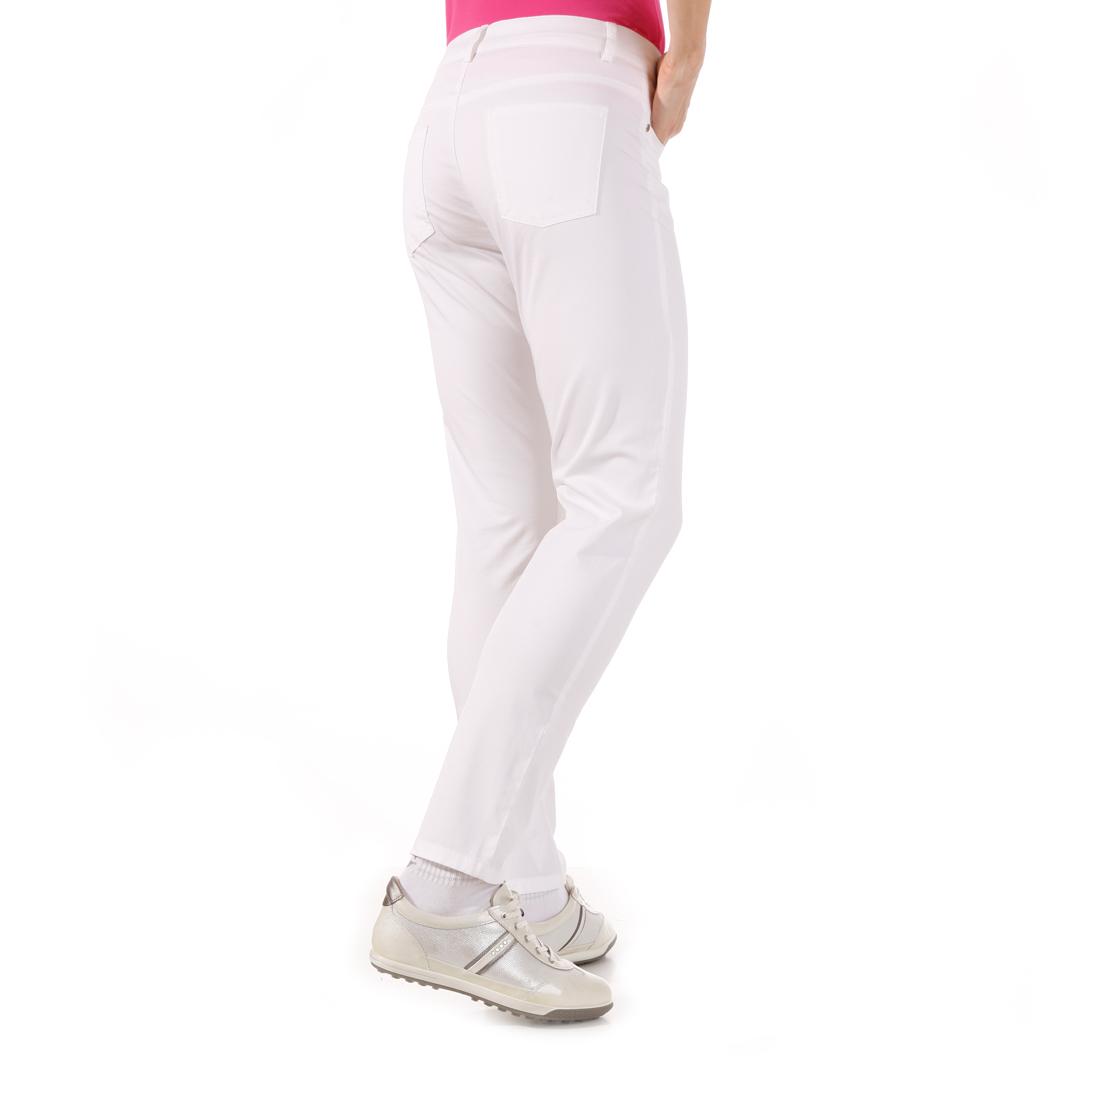 7/8-Baumwoll-Stretch-Hose